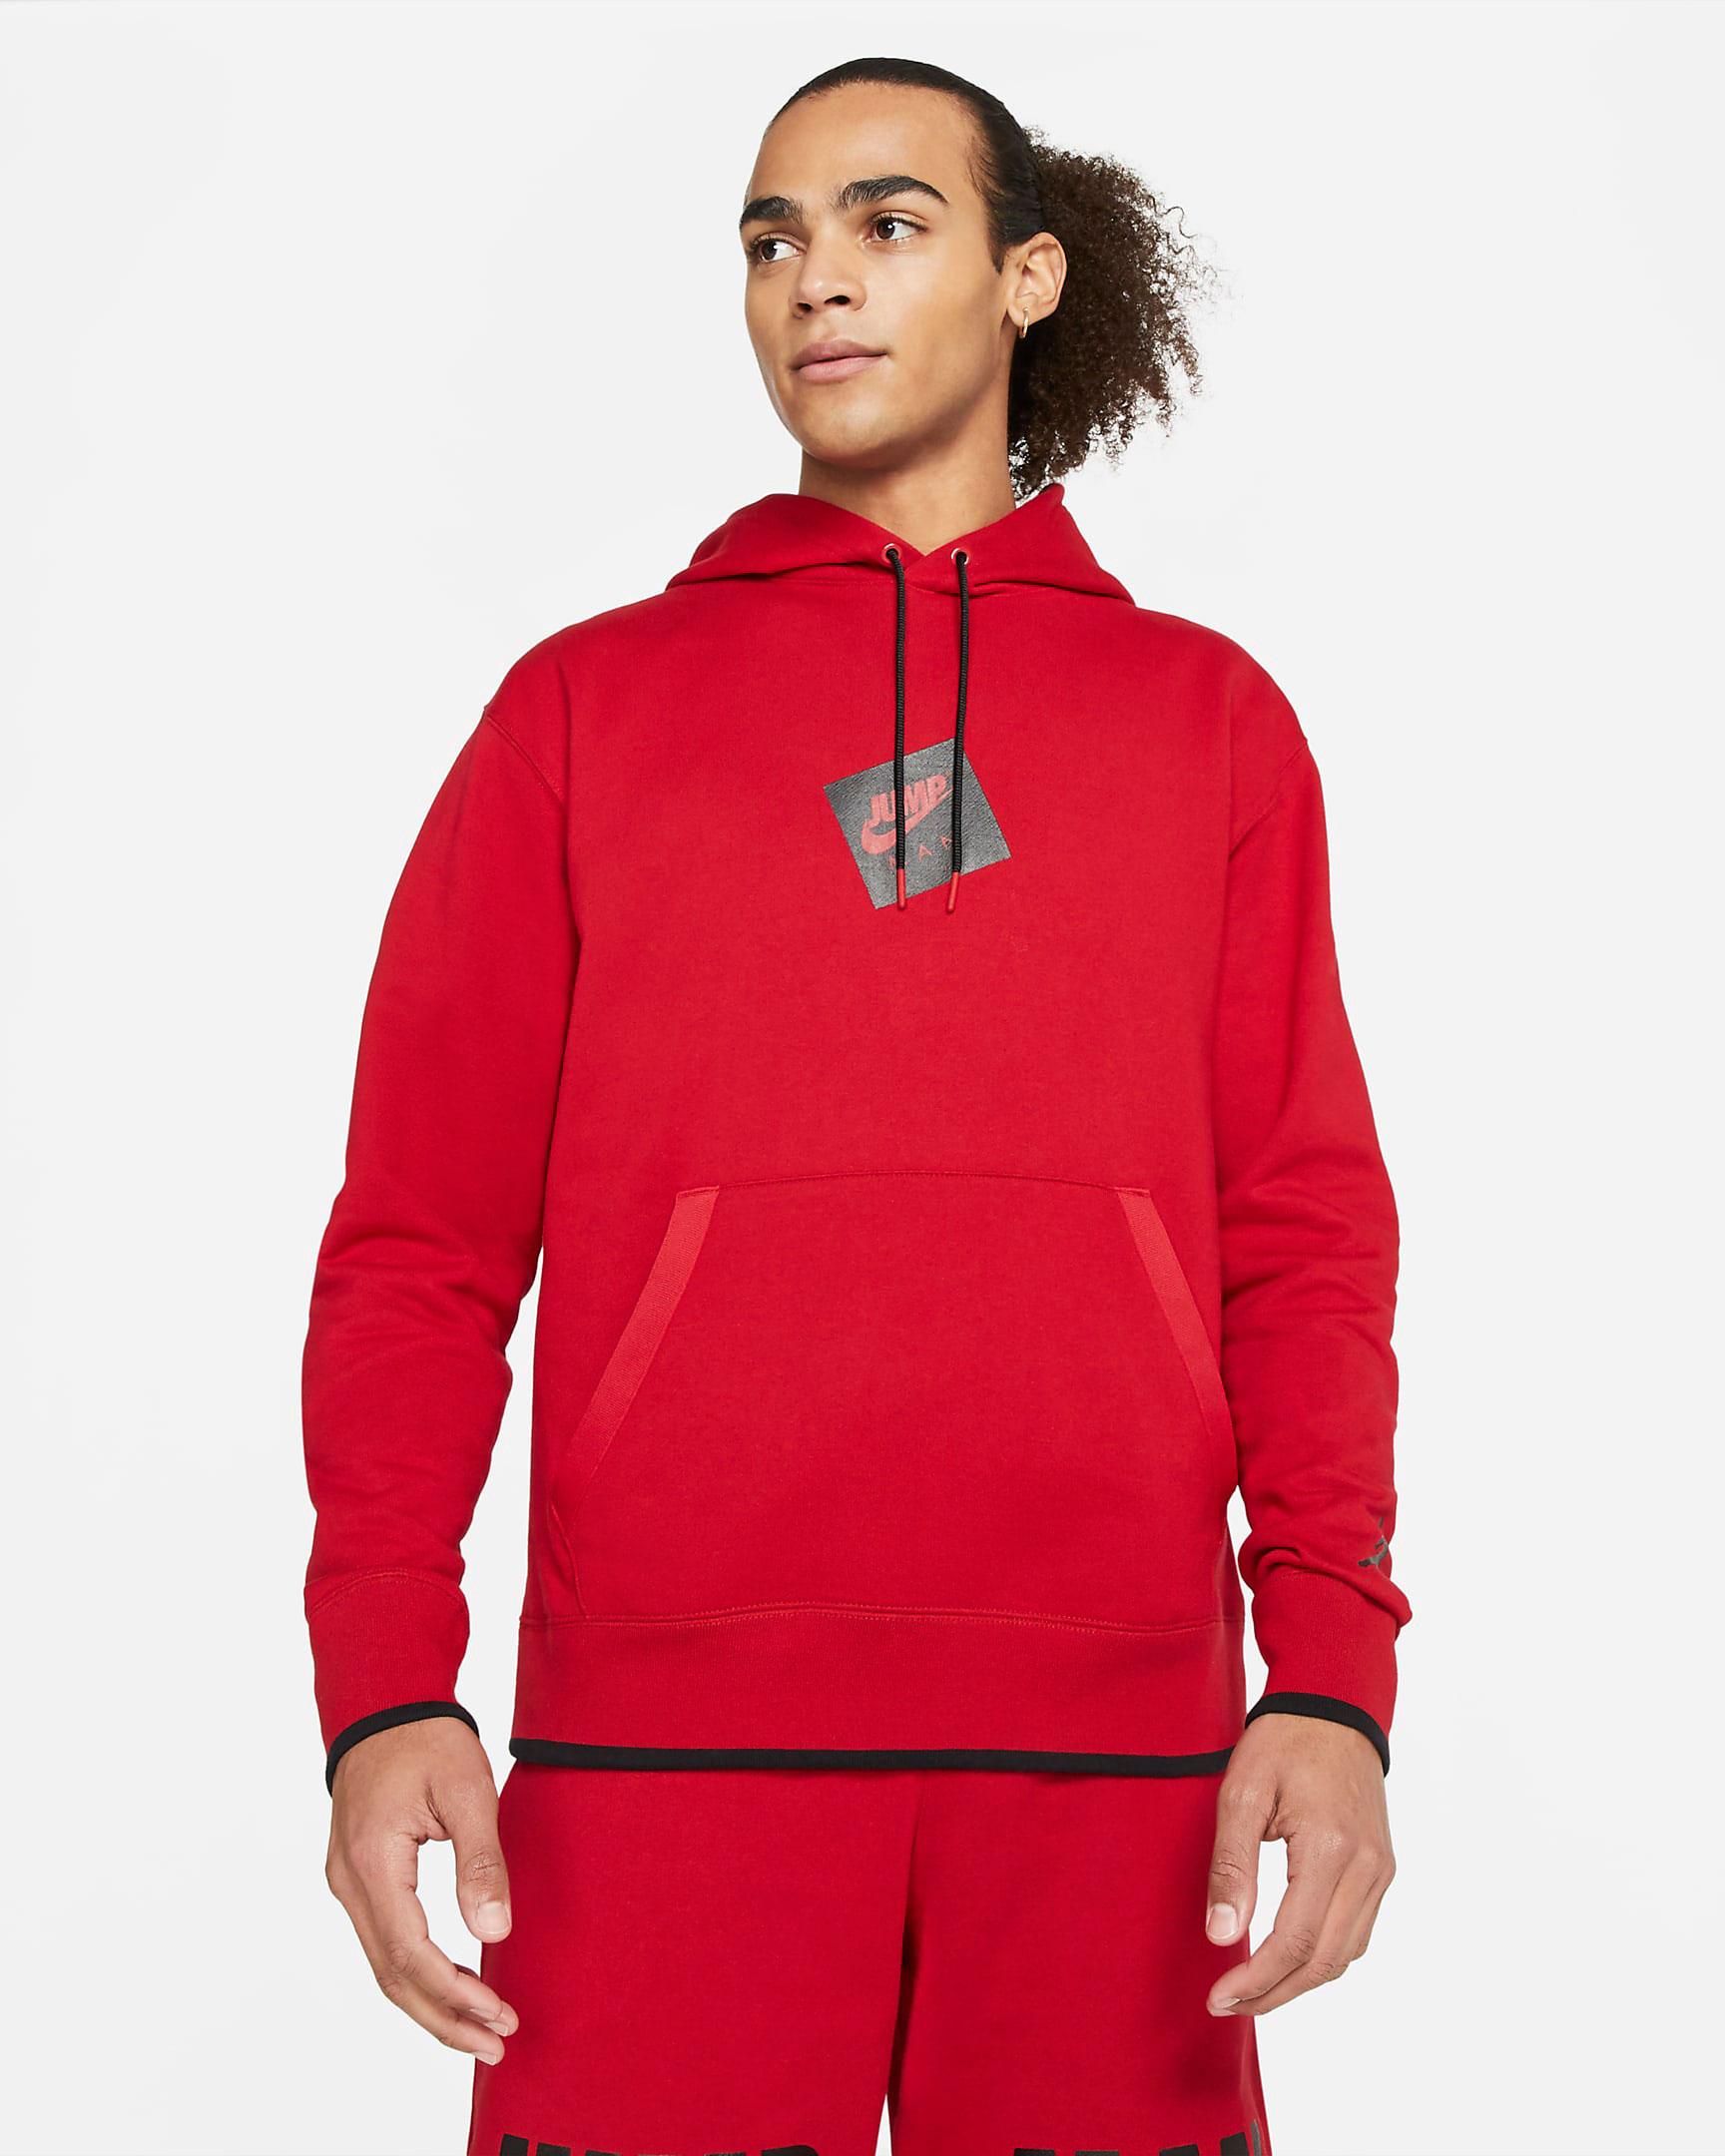 air-jordan-12-reverse-flu-game-hoodie-2